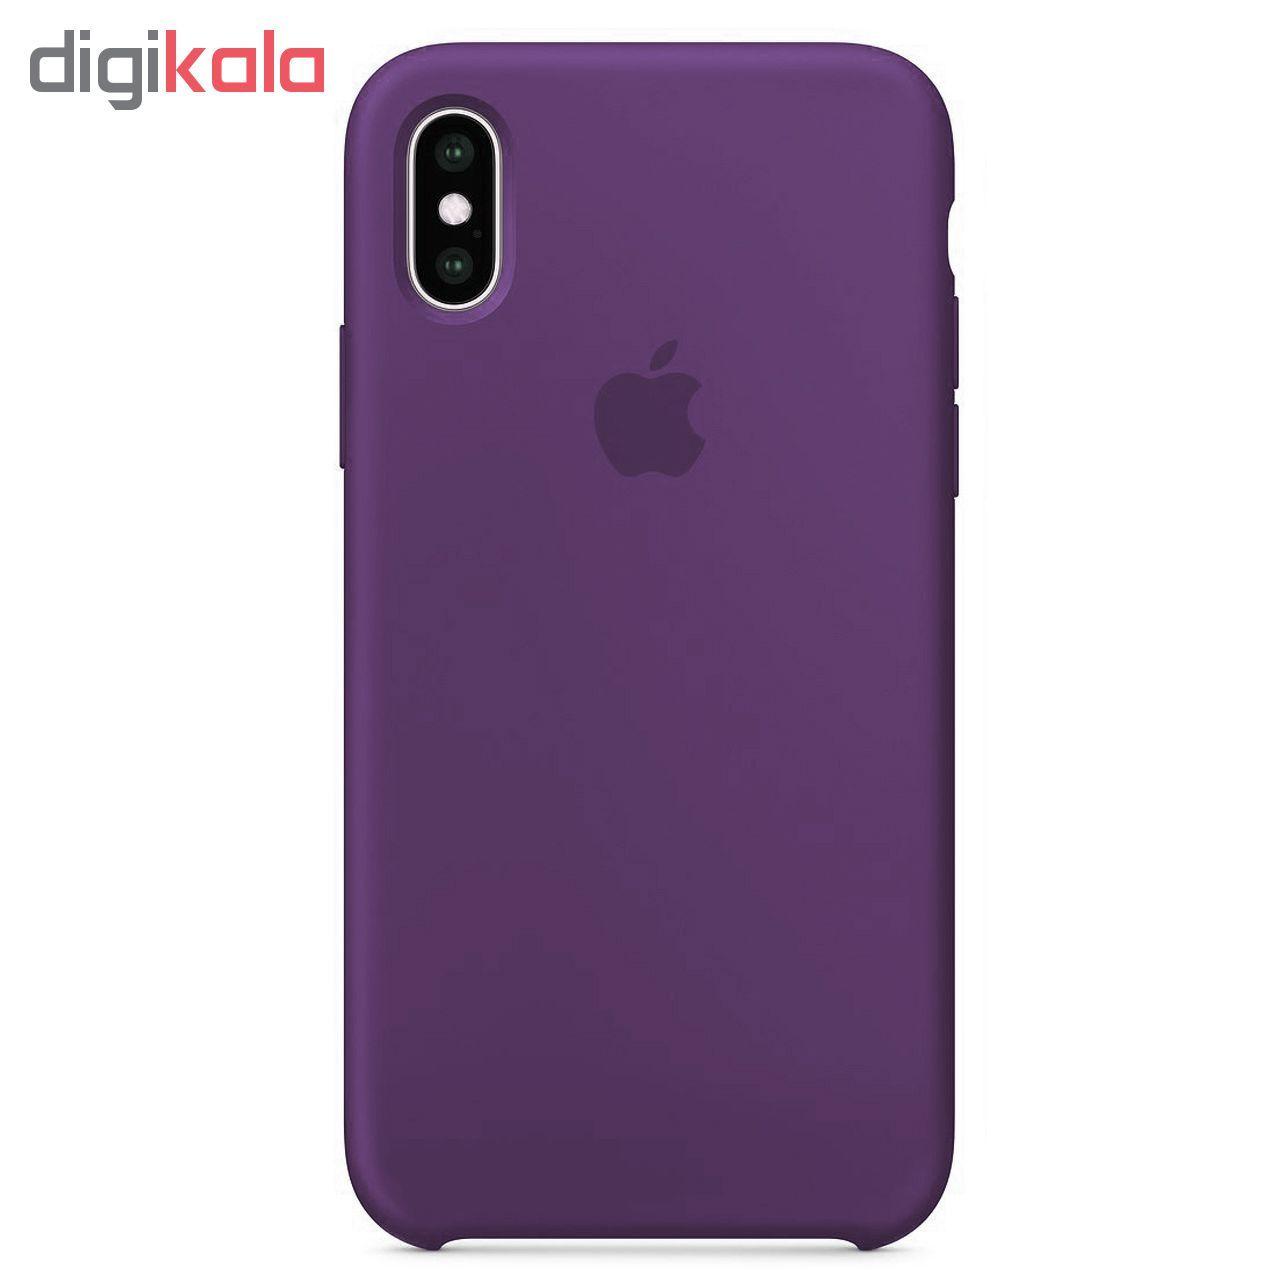 کاور مدل sili003 مناسب برای گوشی موبایل اپل Iphone X / XS main 1 1